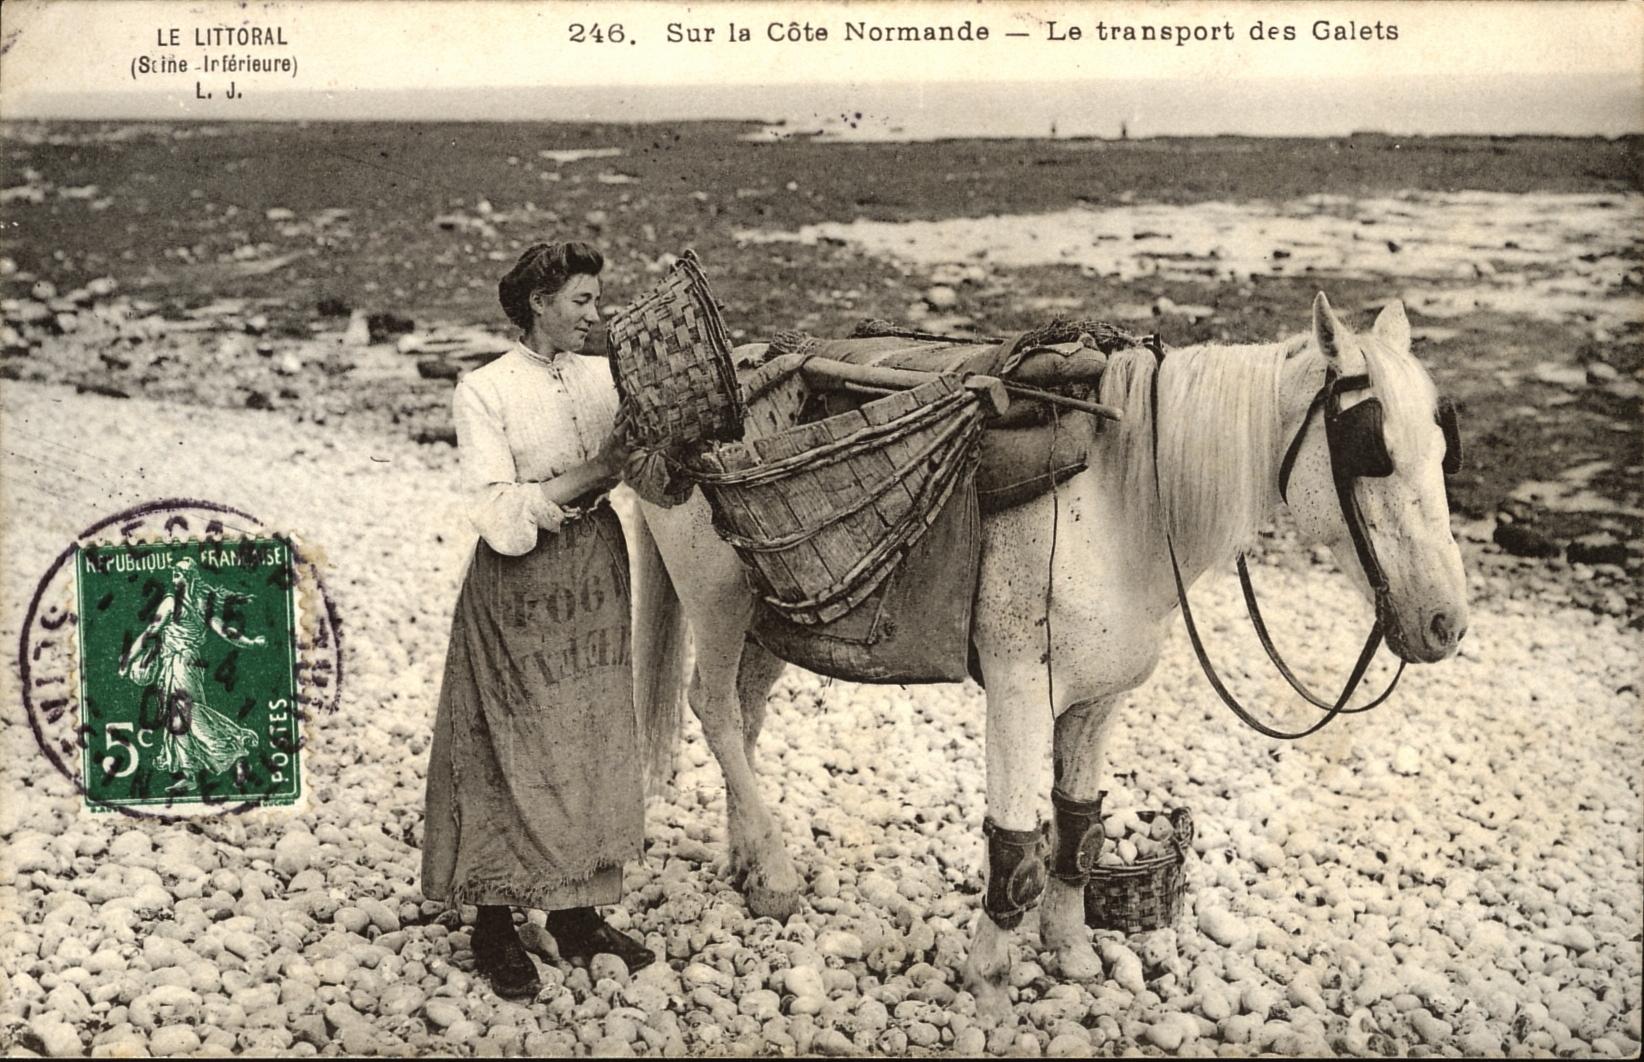 Sur la cote Normande - Le transport des galets (the transport of pebbles) early 1900s